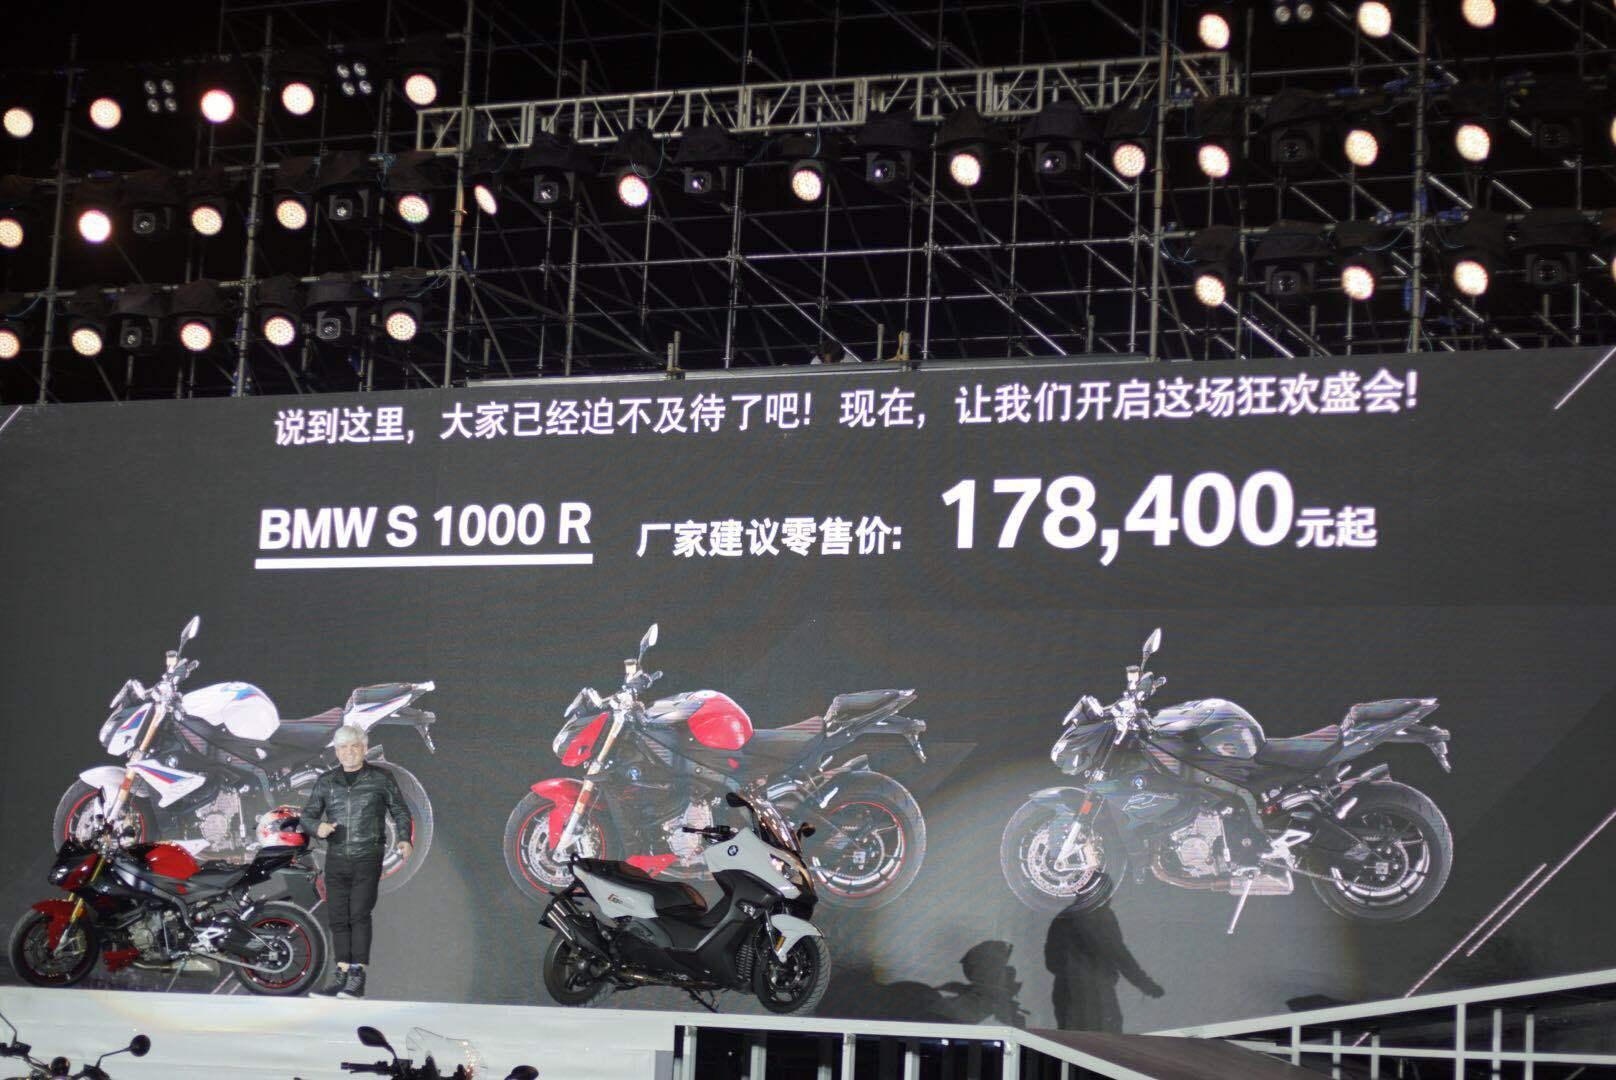 宝马摩托文化节落幕 2018款S1000R售17.84万元